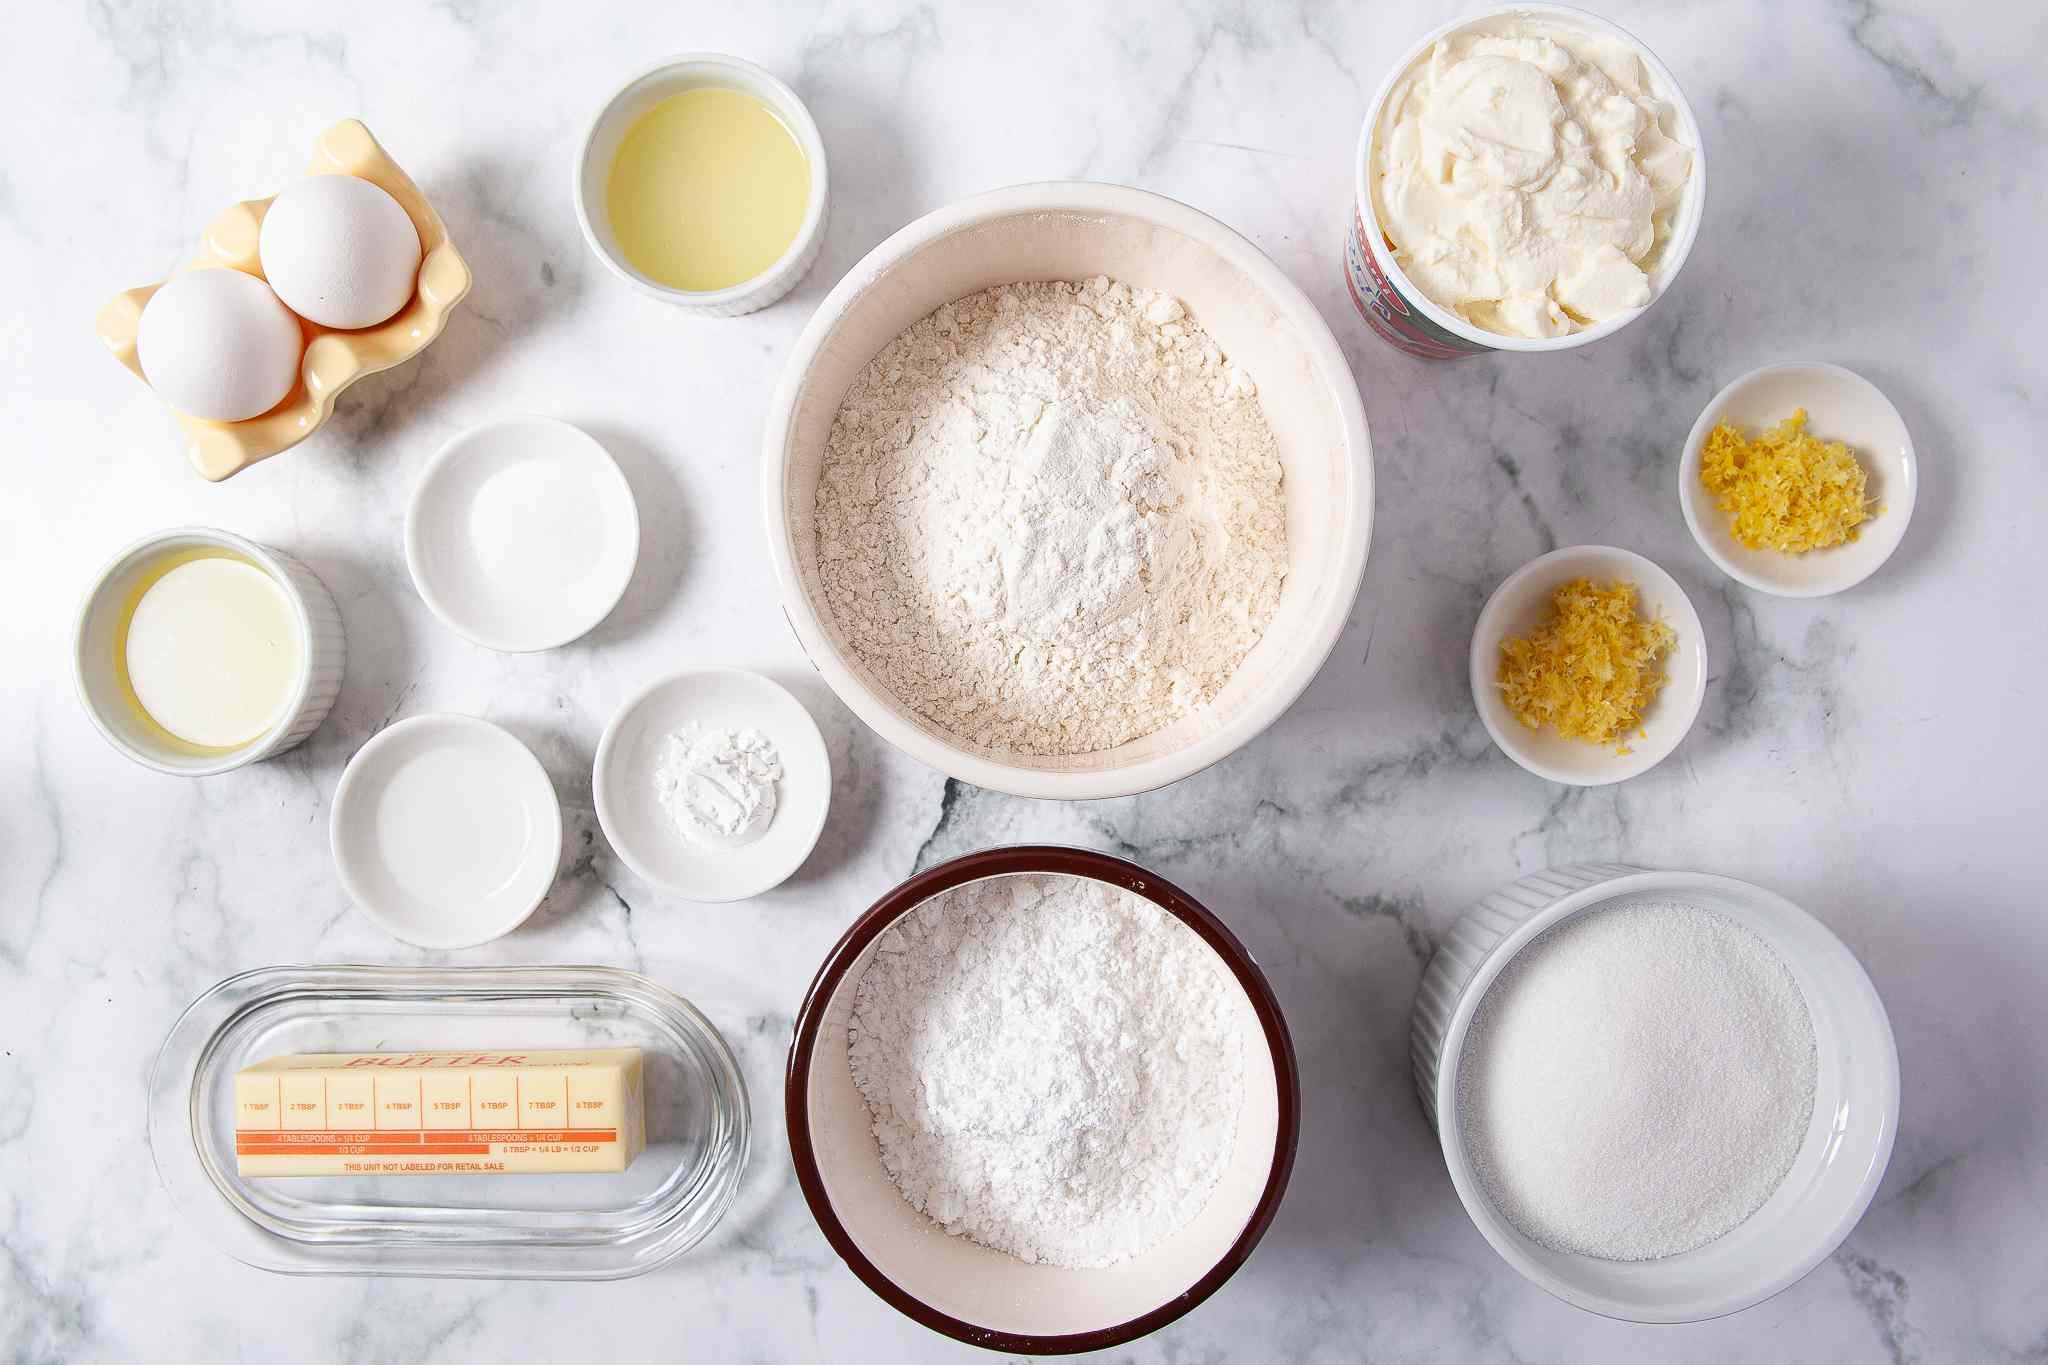 Lemon Ricotta Cookies ingredients